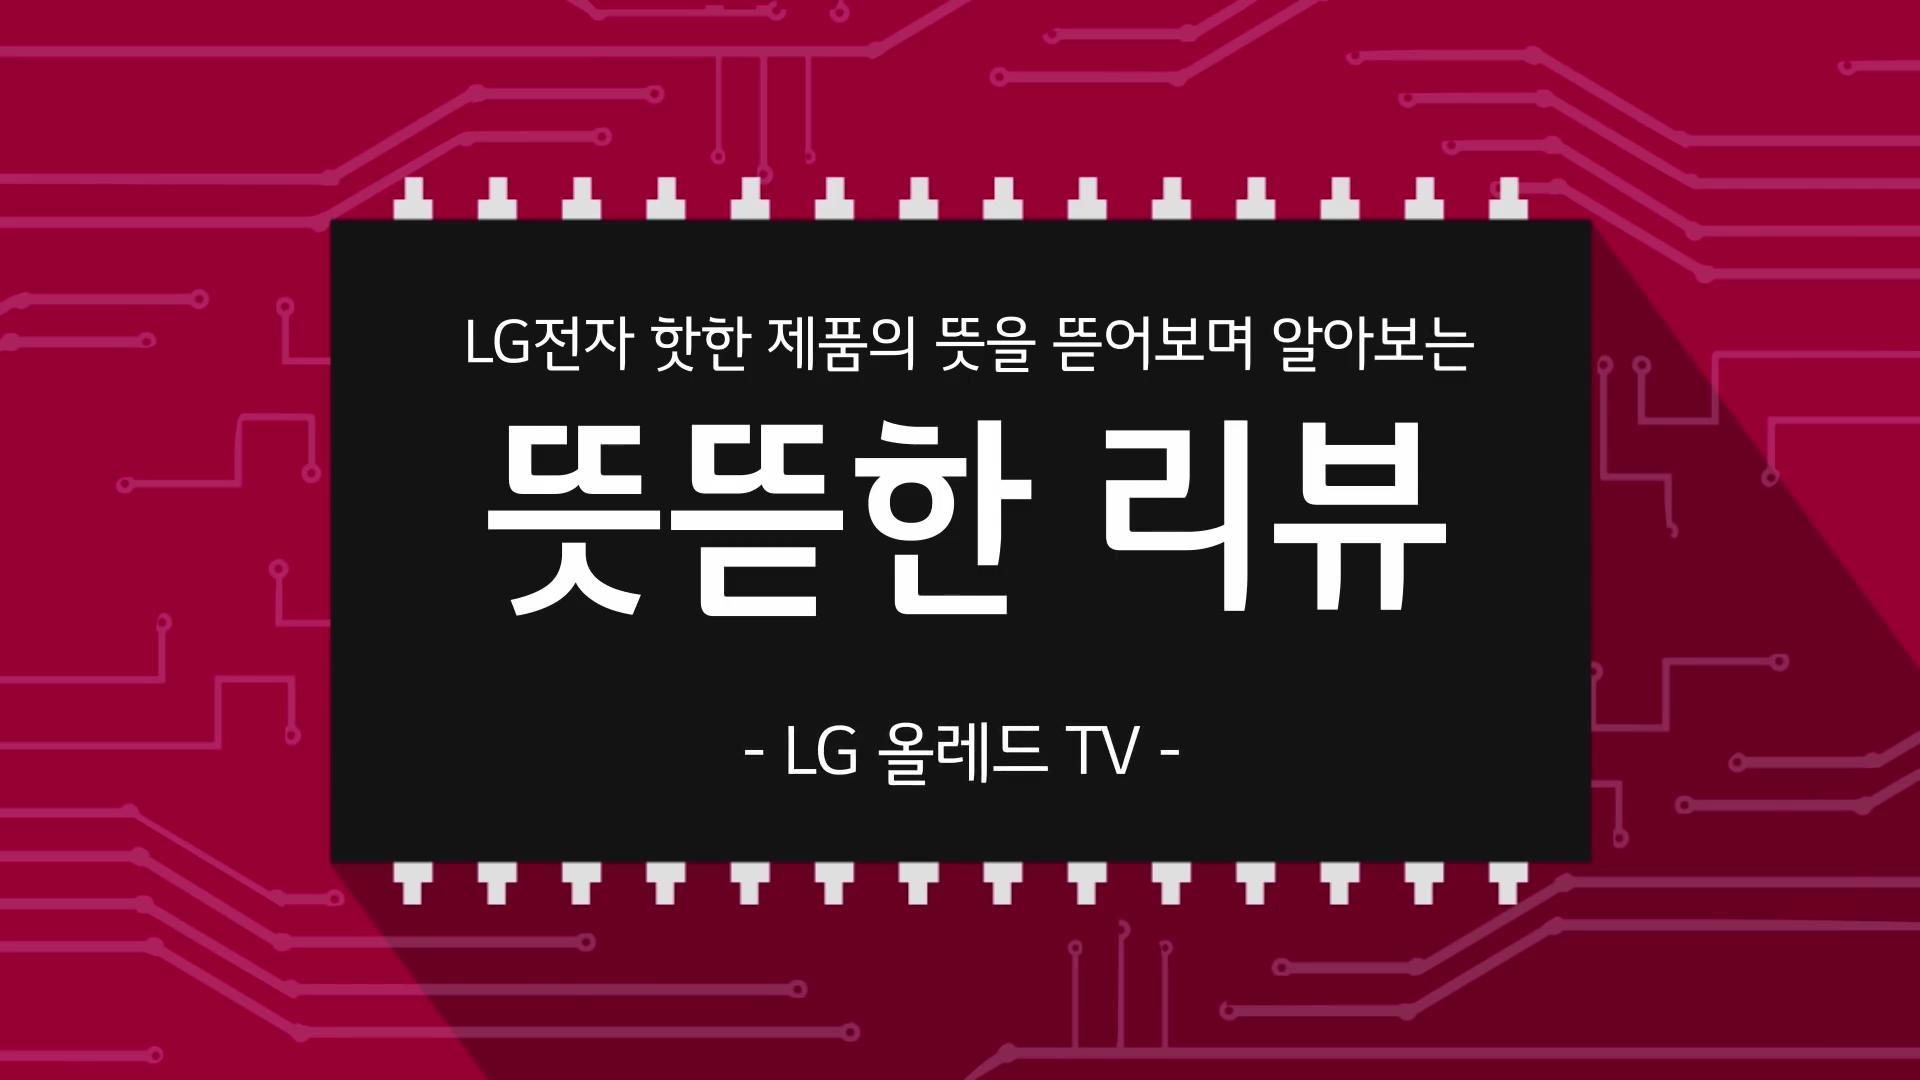 LG 올레드 TV – 뜻뜯한 리뷰